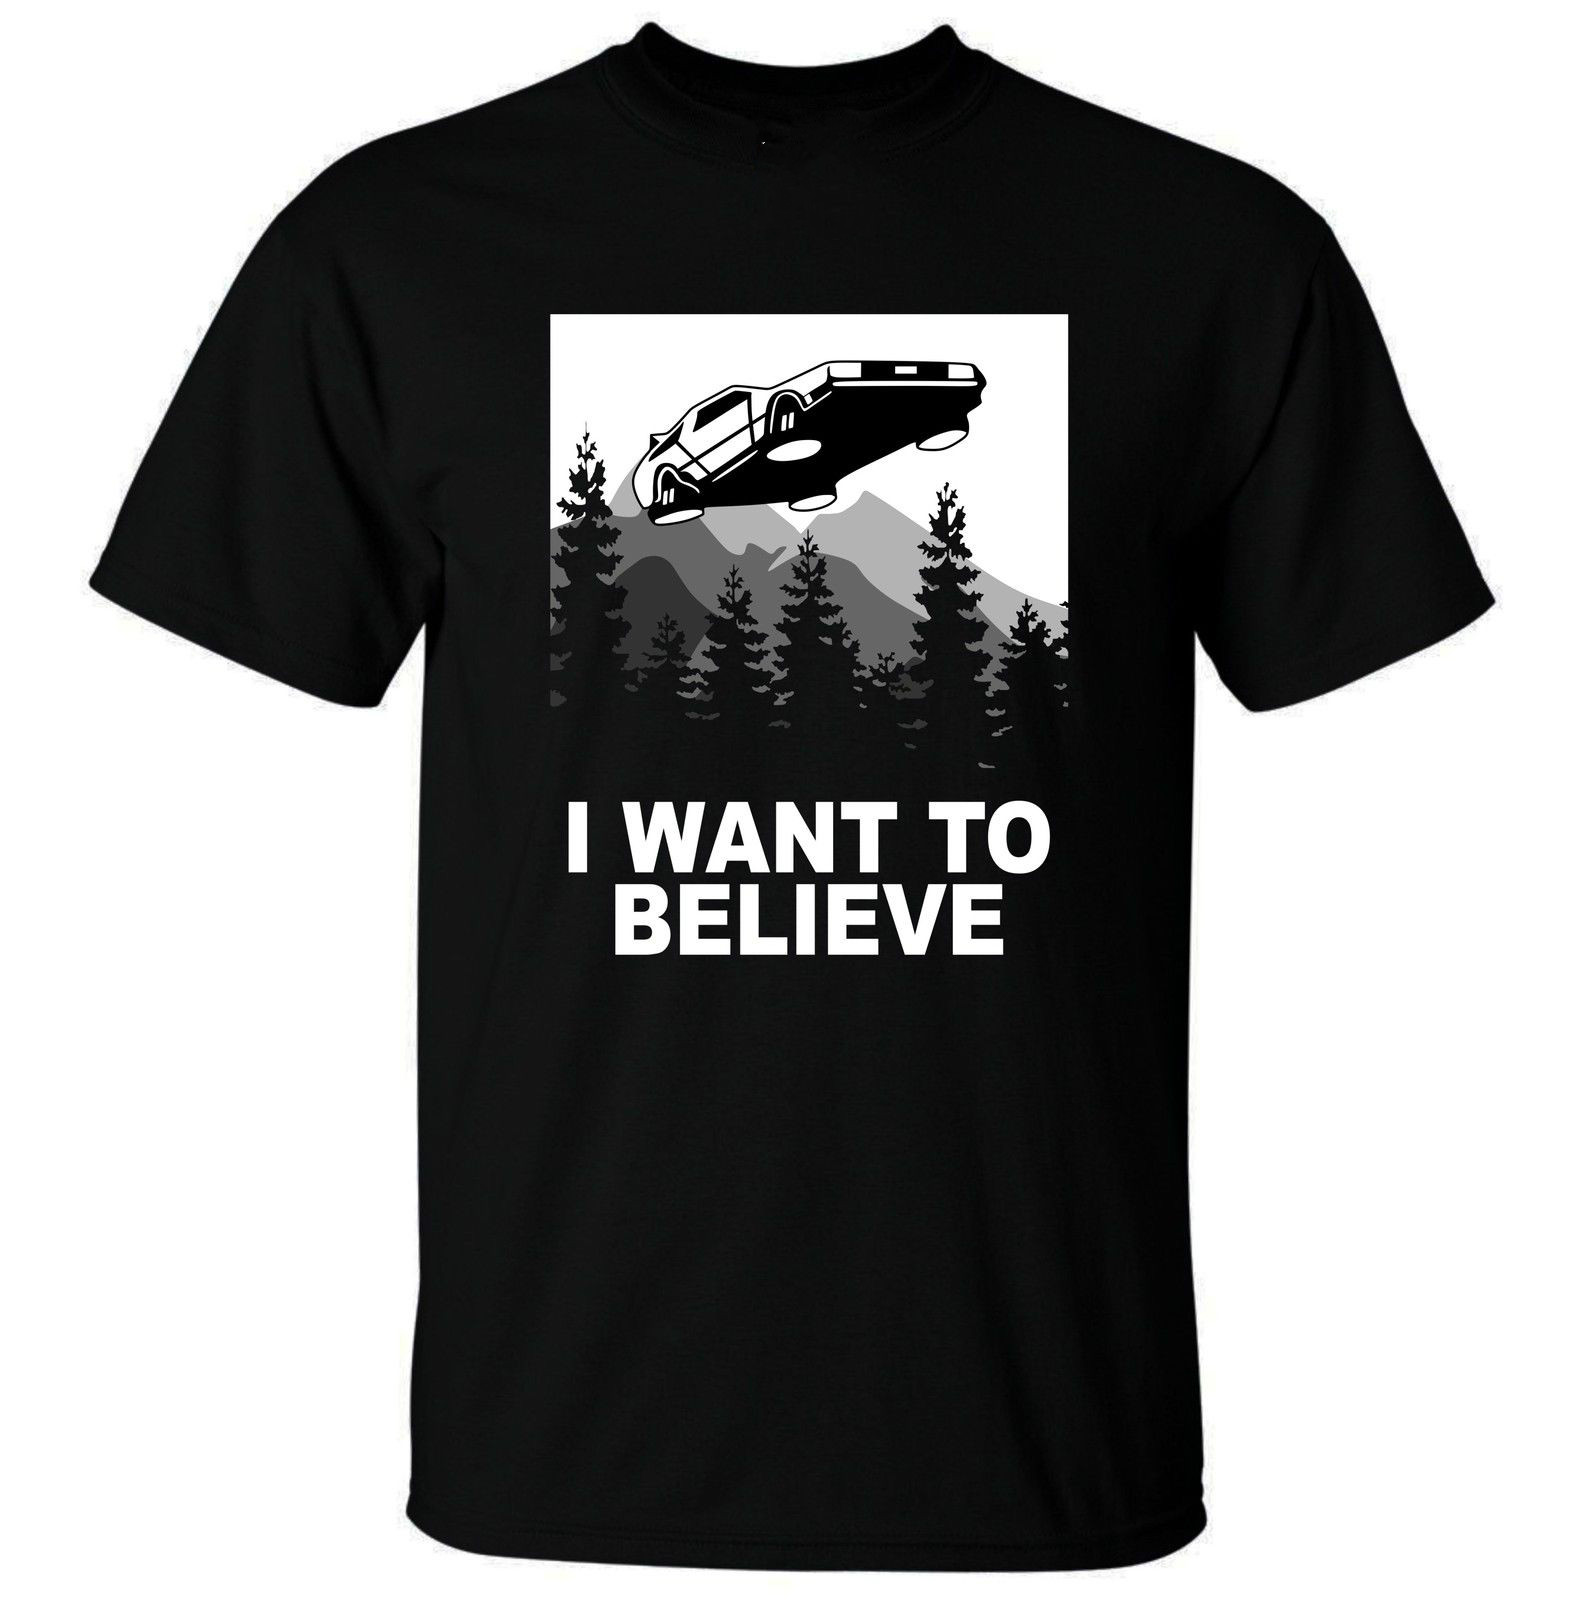 Возьмите мужские я хочу верить будущем Футболка-забавная футболка фантастика пародия путешествие во времени